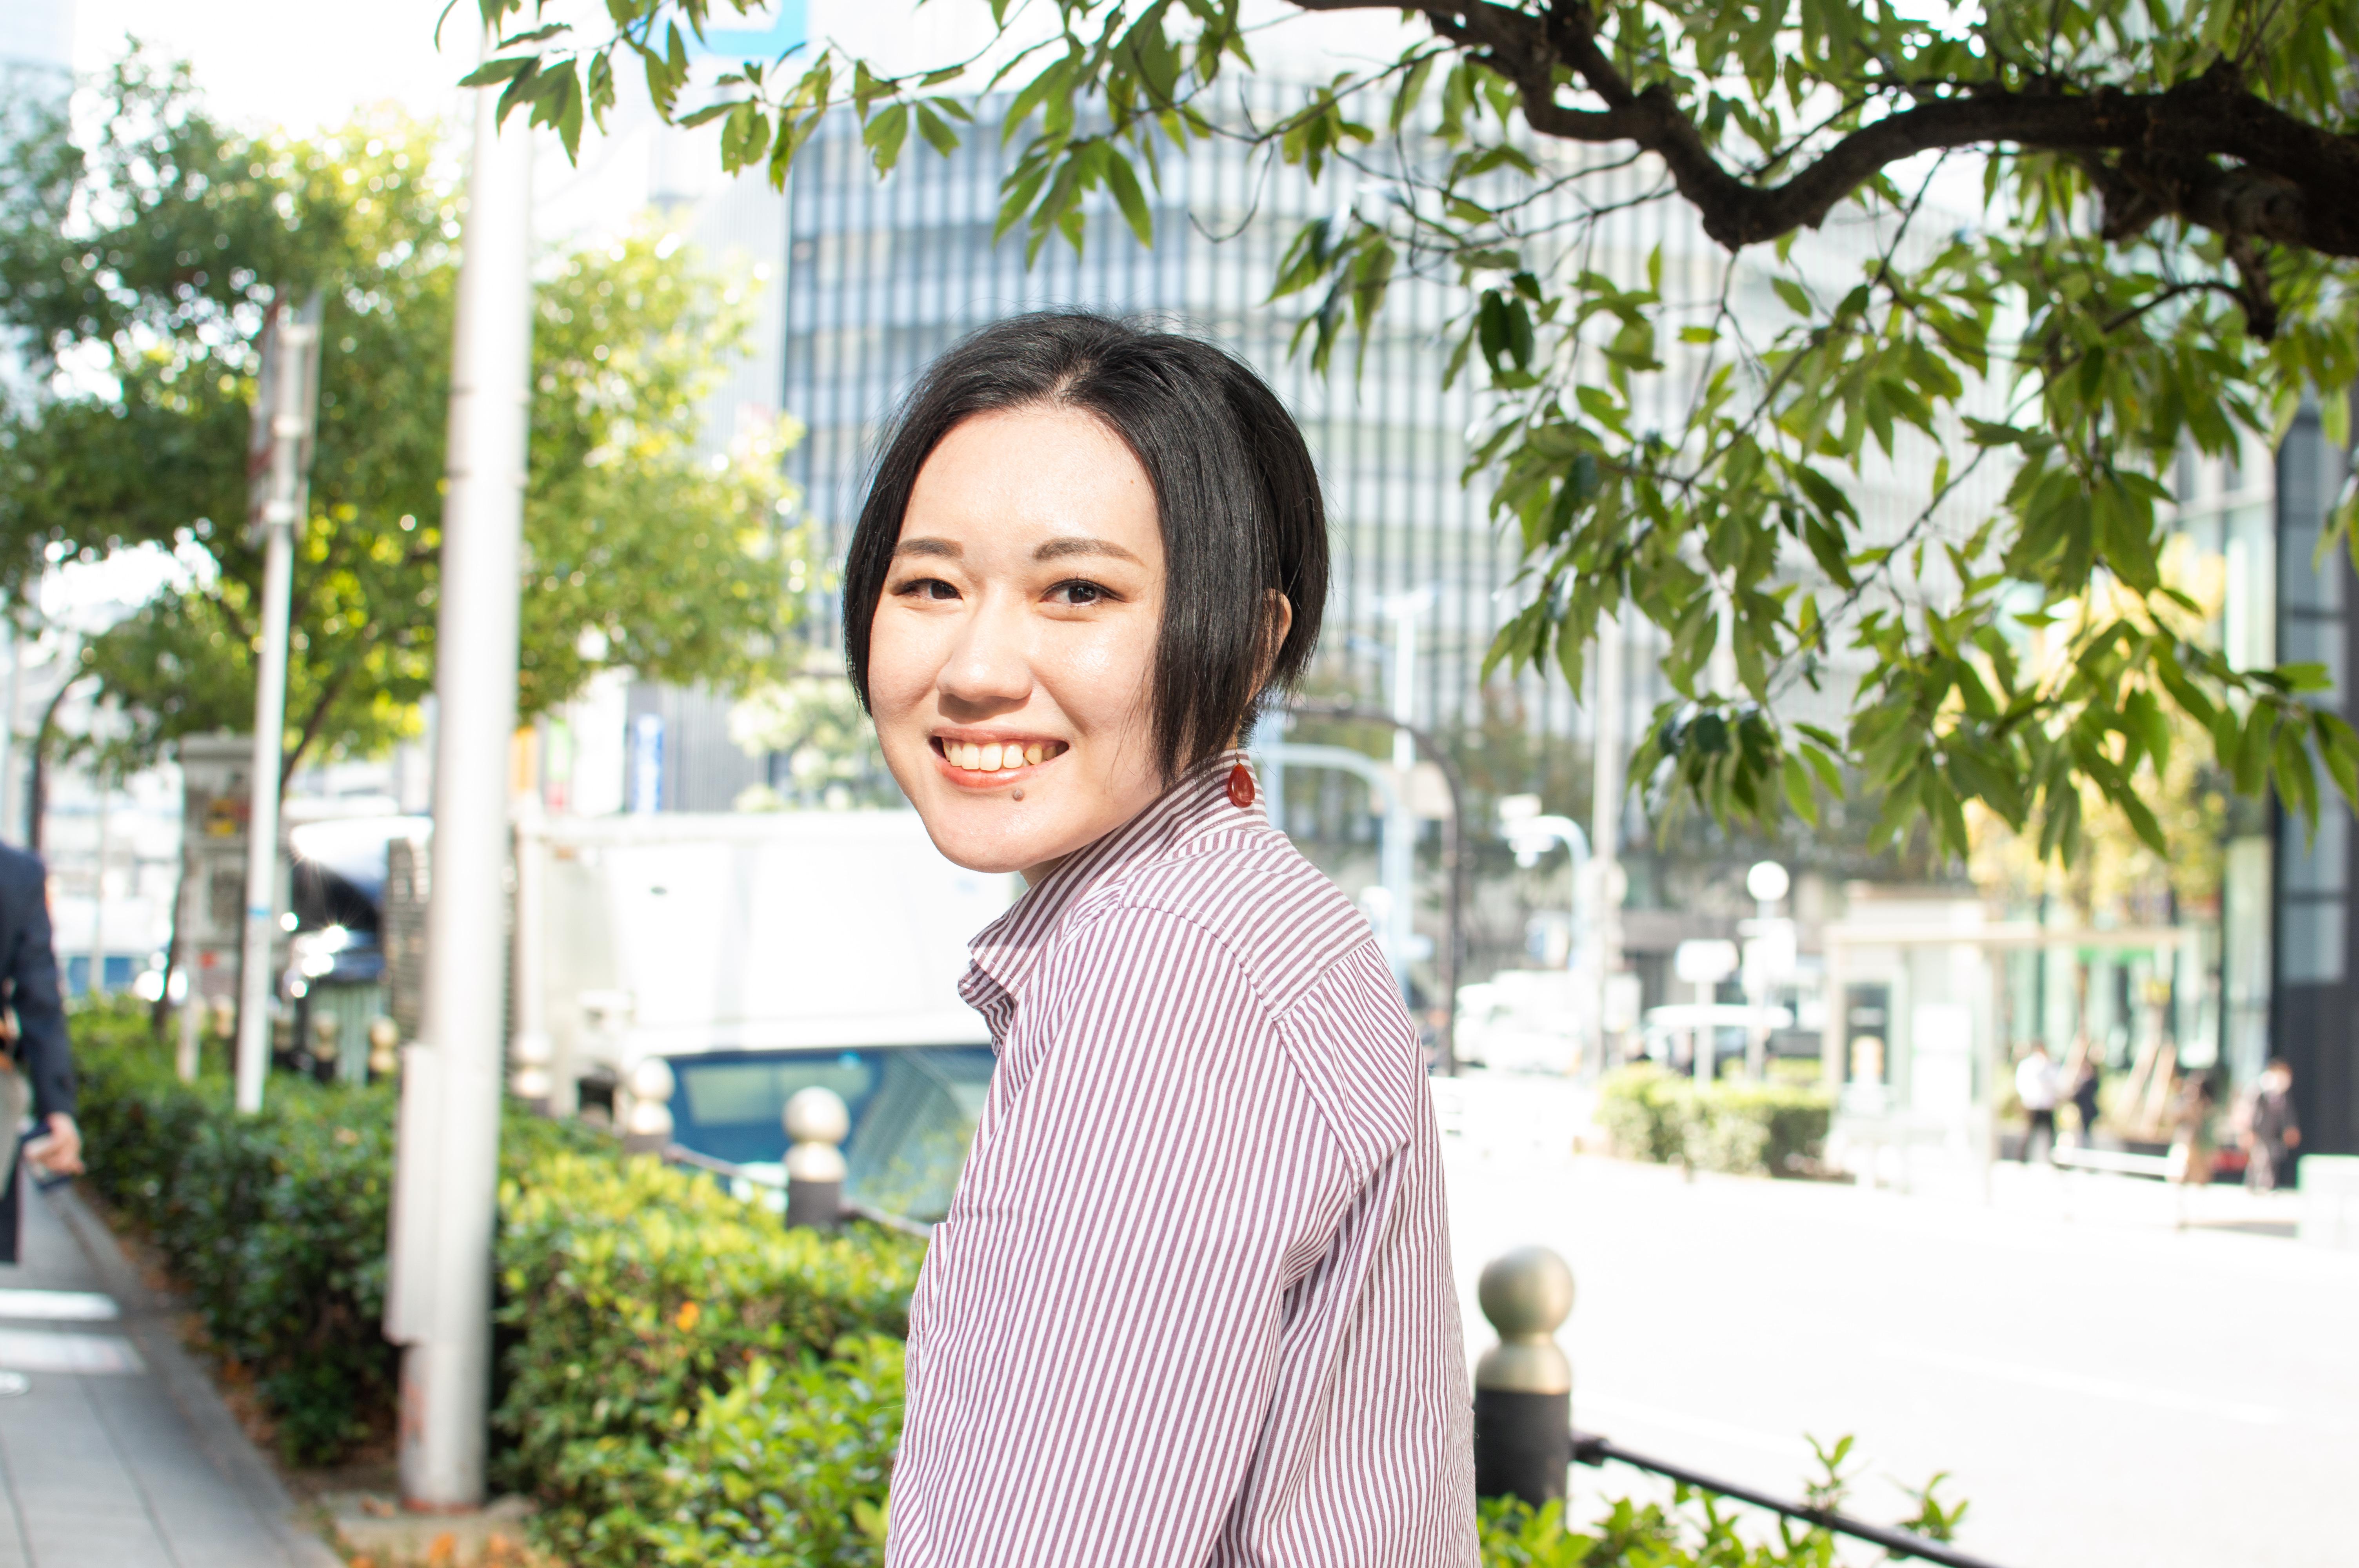 【写真】街頭で満面の笑みをみせるみやざきあすかさん